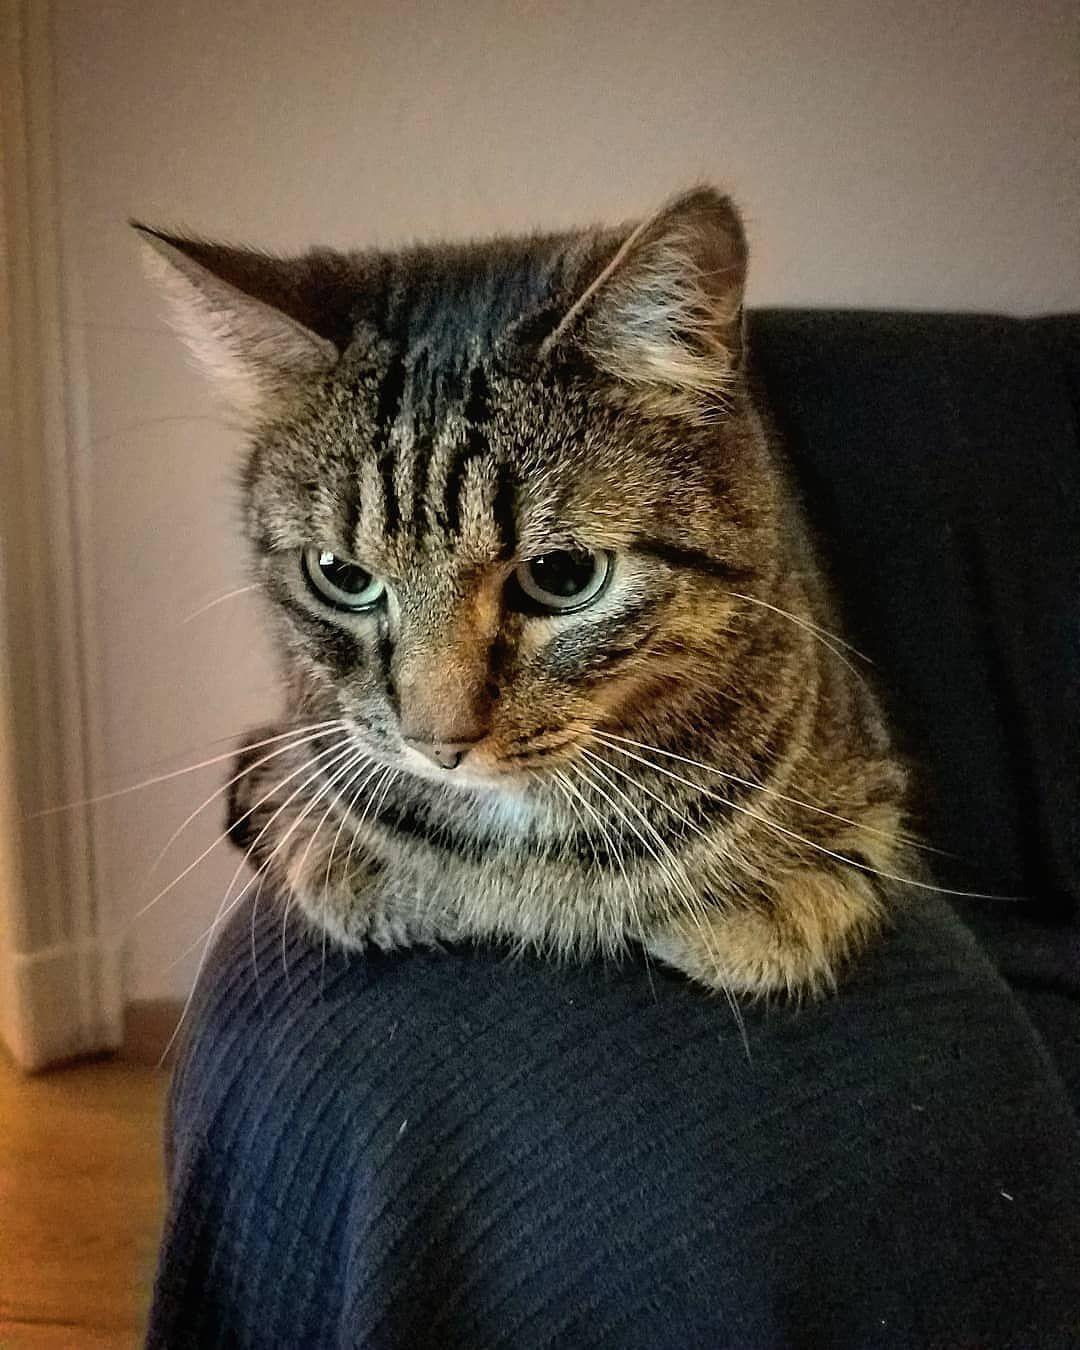 Cat Cats Catsofinstagram Cats Of Instagram Instacat Katzen Sophokles Furry Pet Pets Instapet Katze Kitte Cats Best Pet Insurance Cats Of Instagram